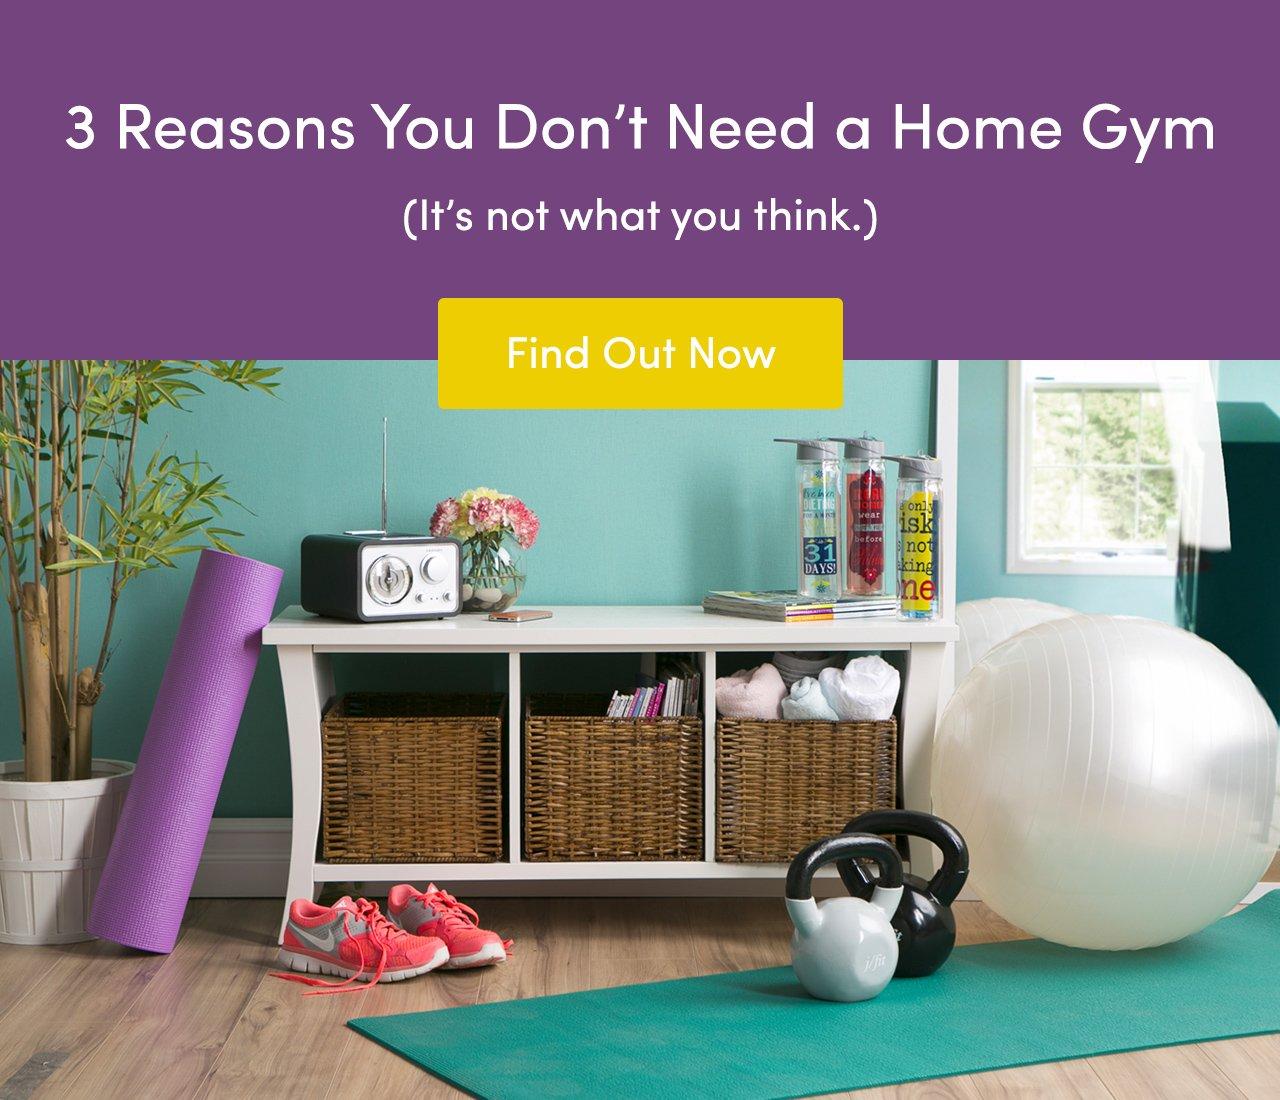 Home Gym Content